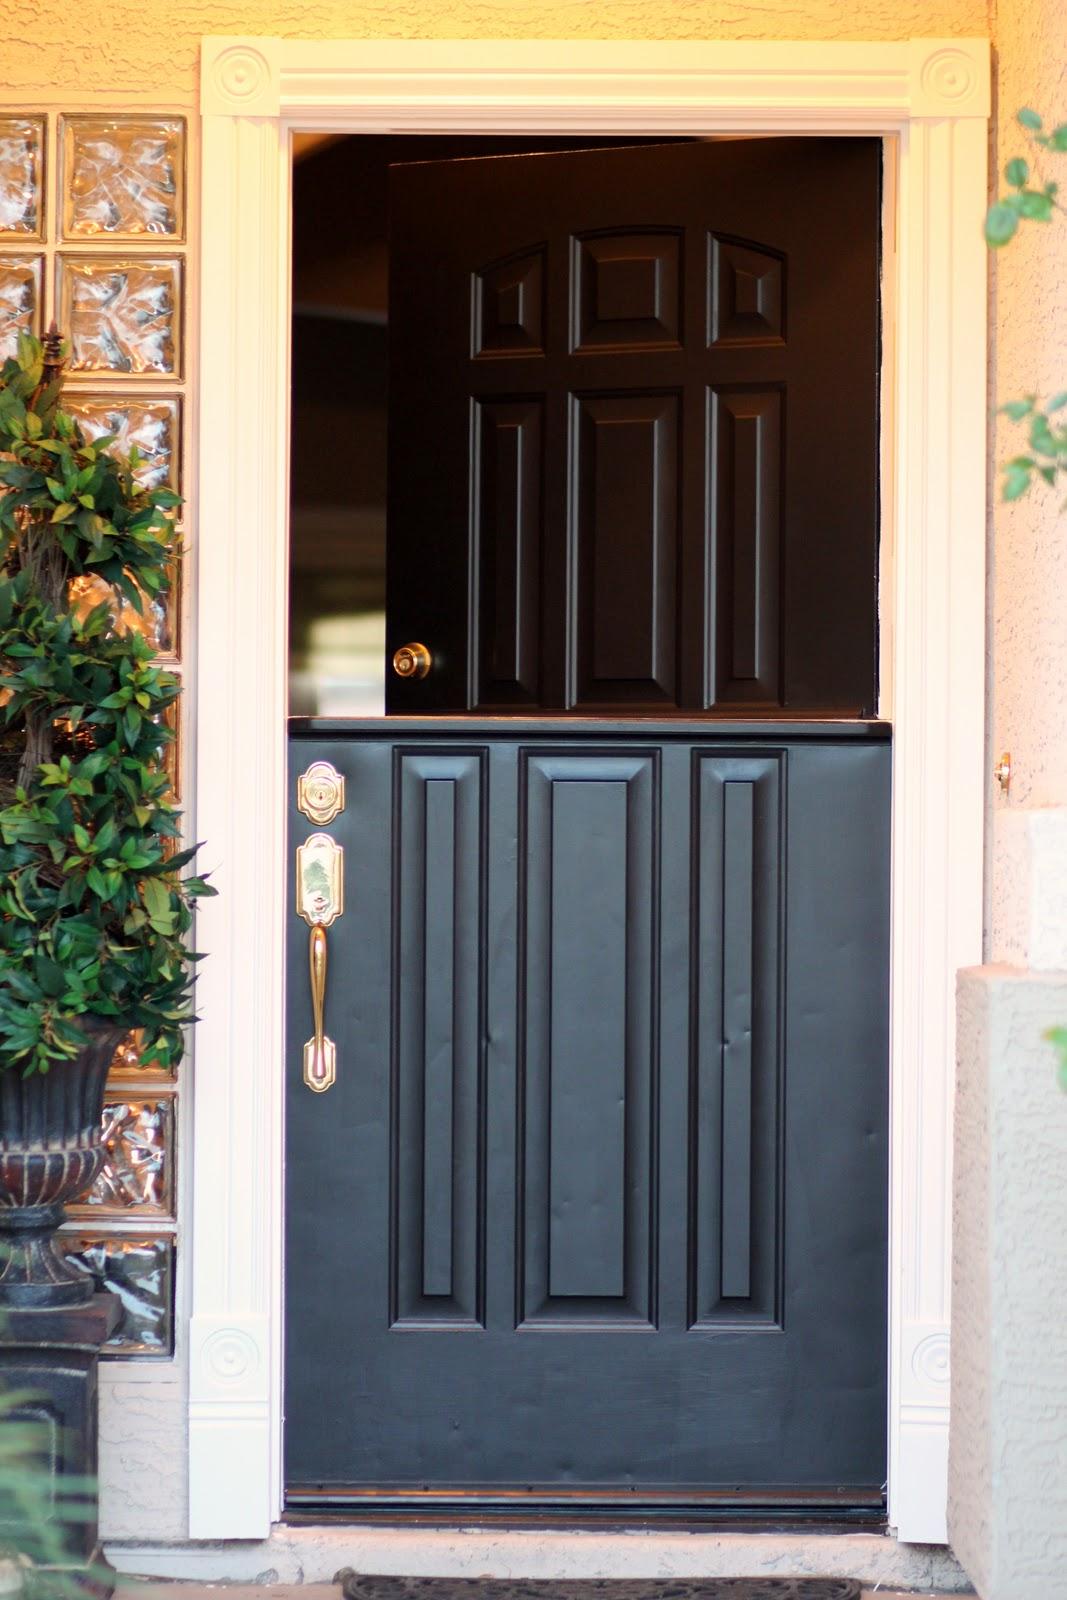 Diy Exterior Dutch Door Gardenview Cottage How To Make A Dutch Door